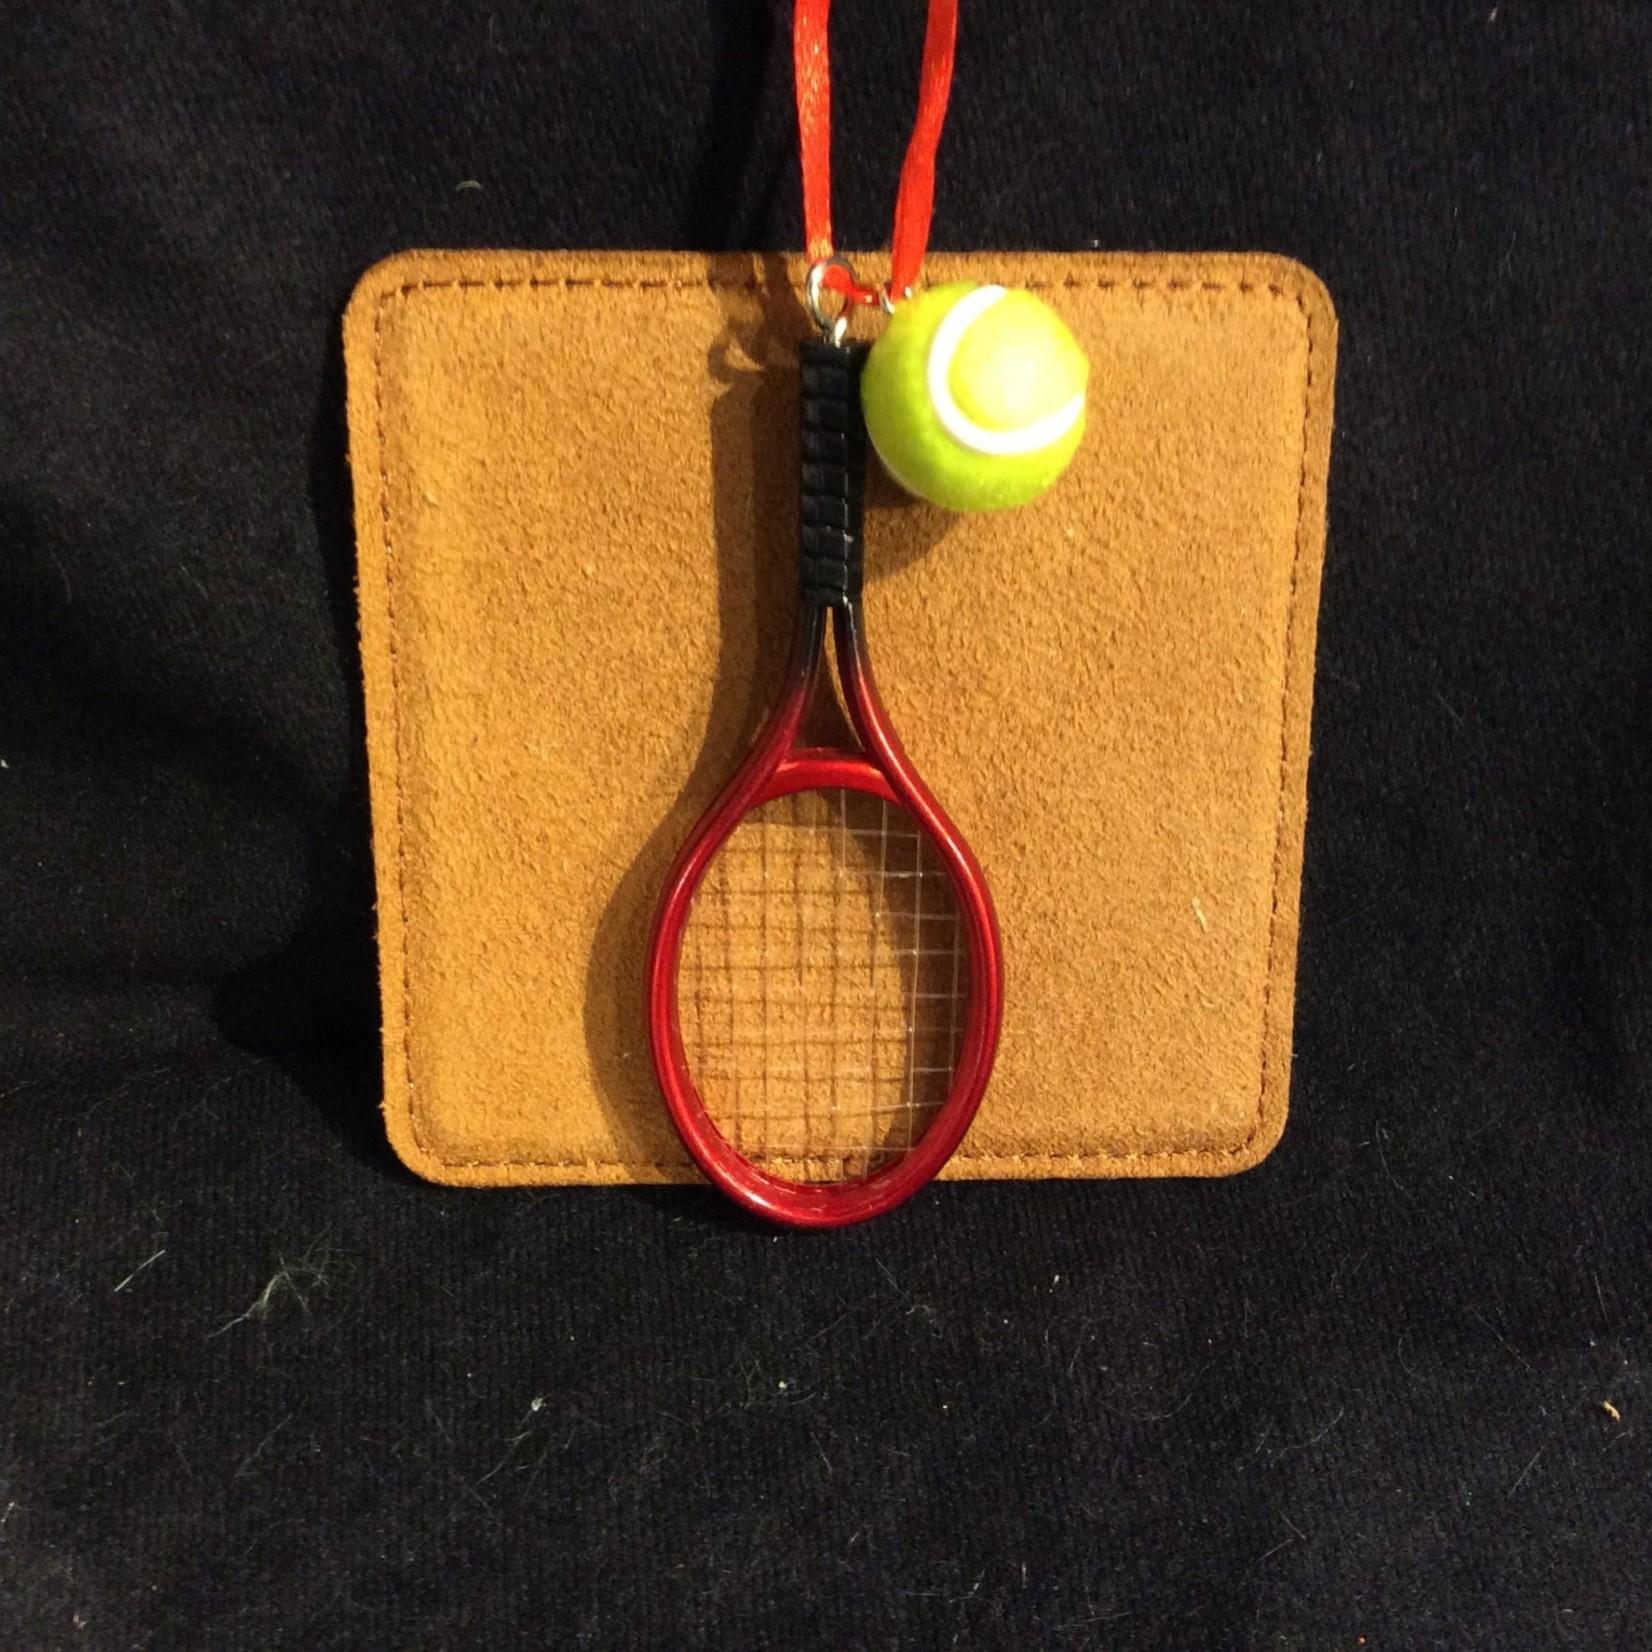 Tennis Racket & Ball Orn